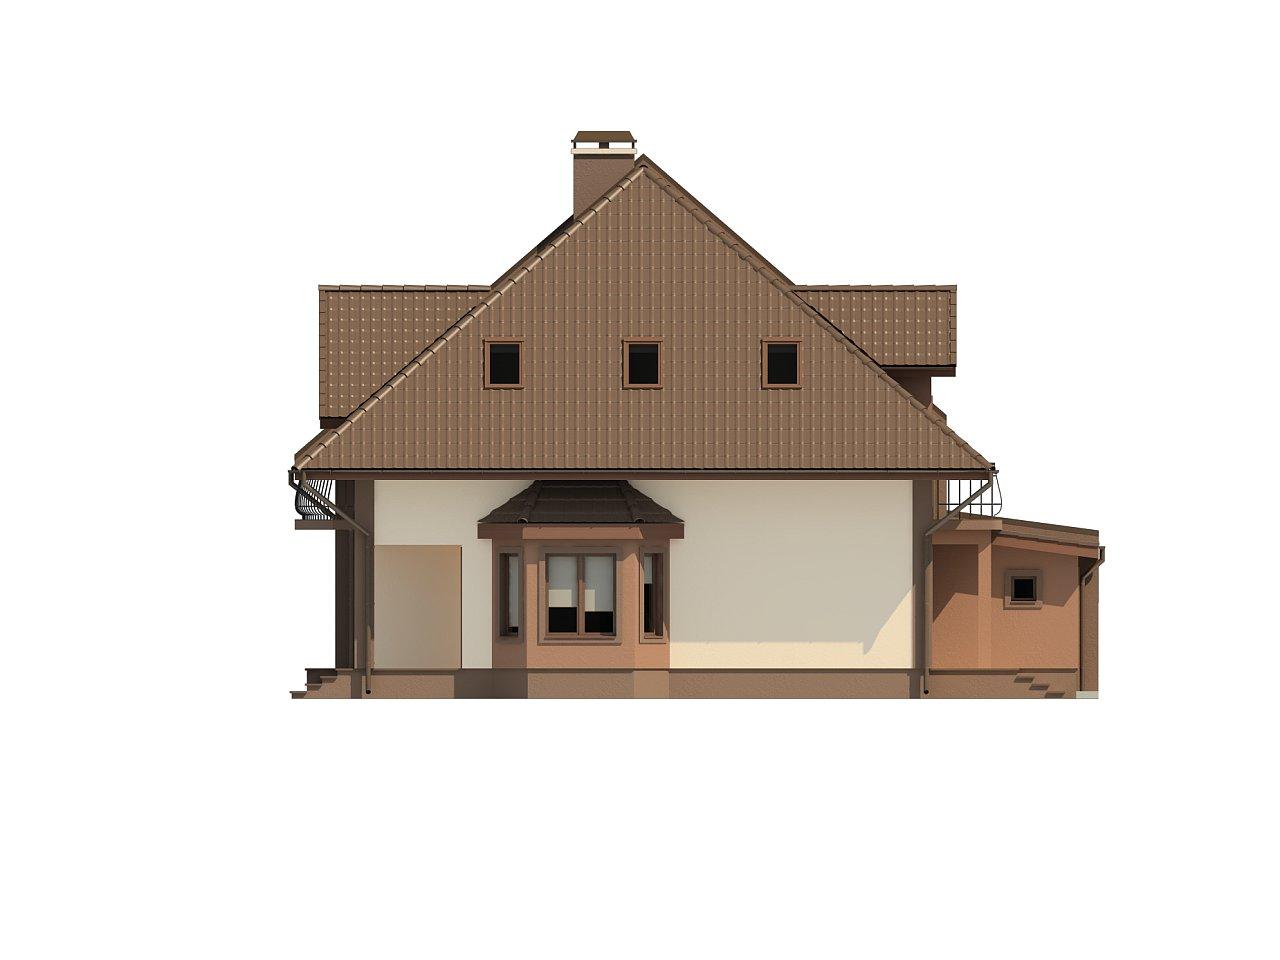 Проект домов близнецов с гаражом и дополнительным помещением на чердаке. 8